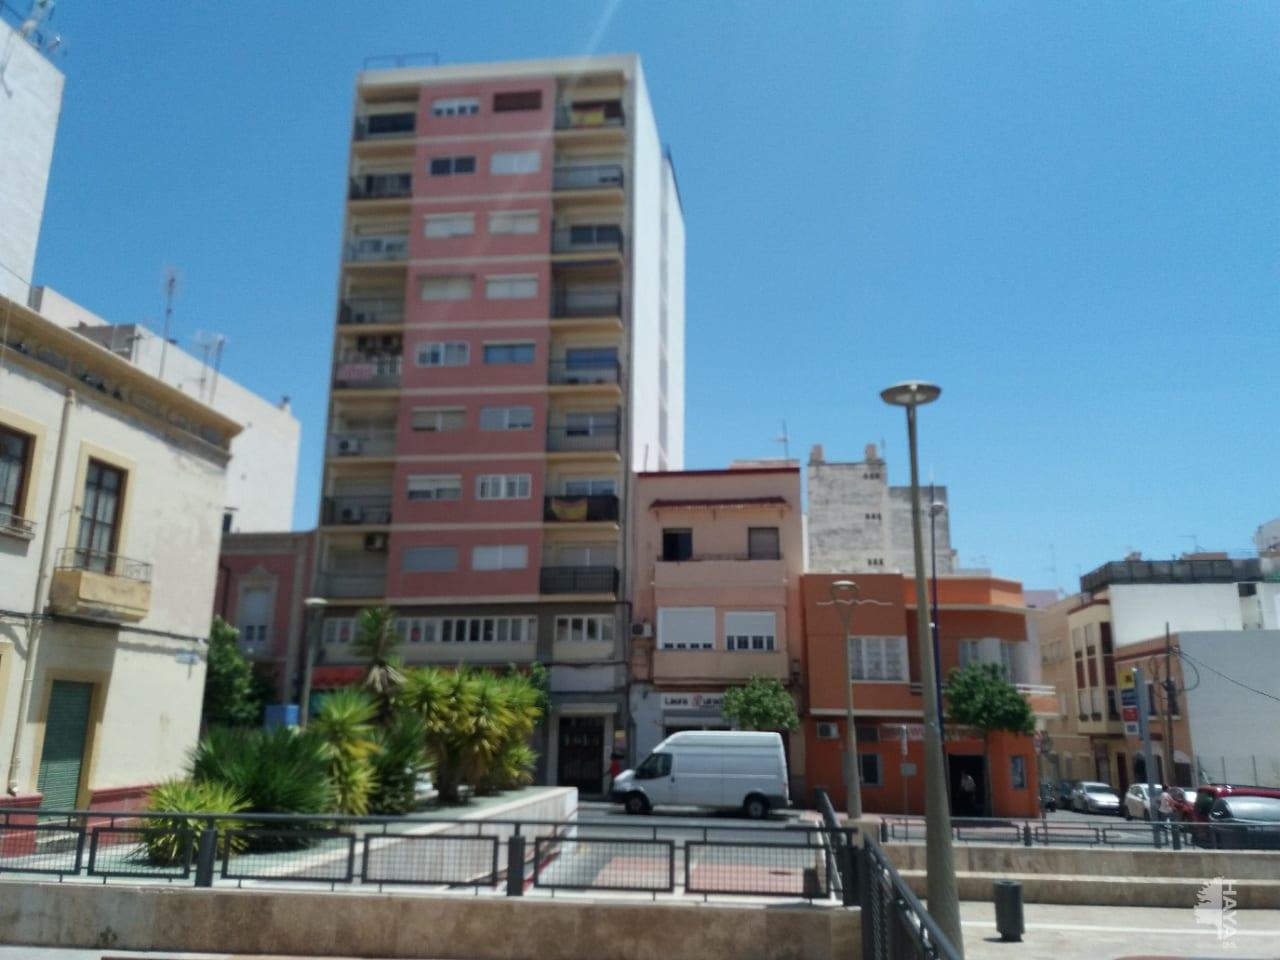 Piso en venta en Oliveros, Almería, Almería, Avenida Pablo Iglesias, 208.005 €, 3 habitaciones, 1 baño, 125 m2